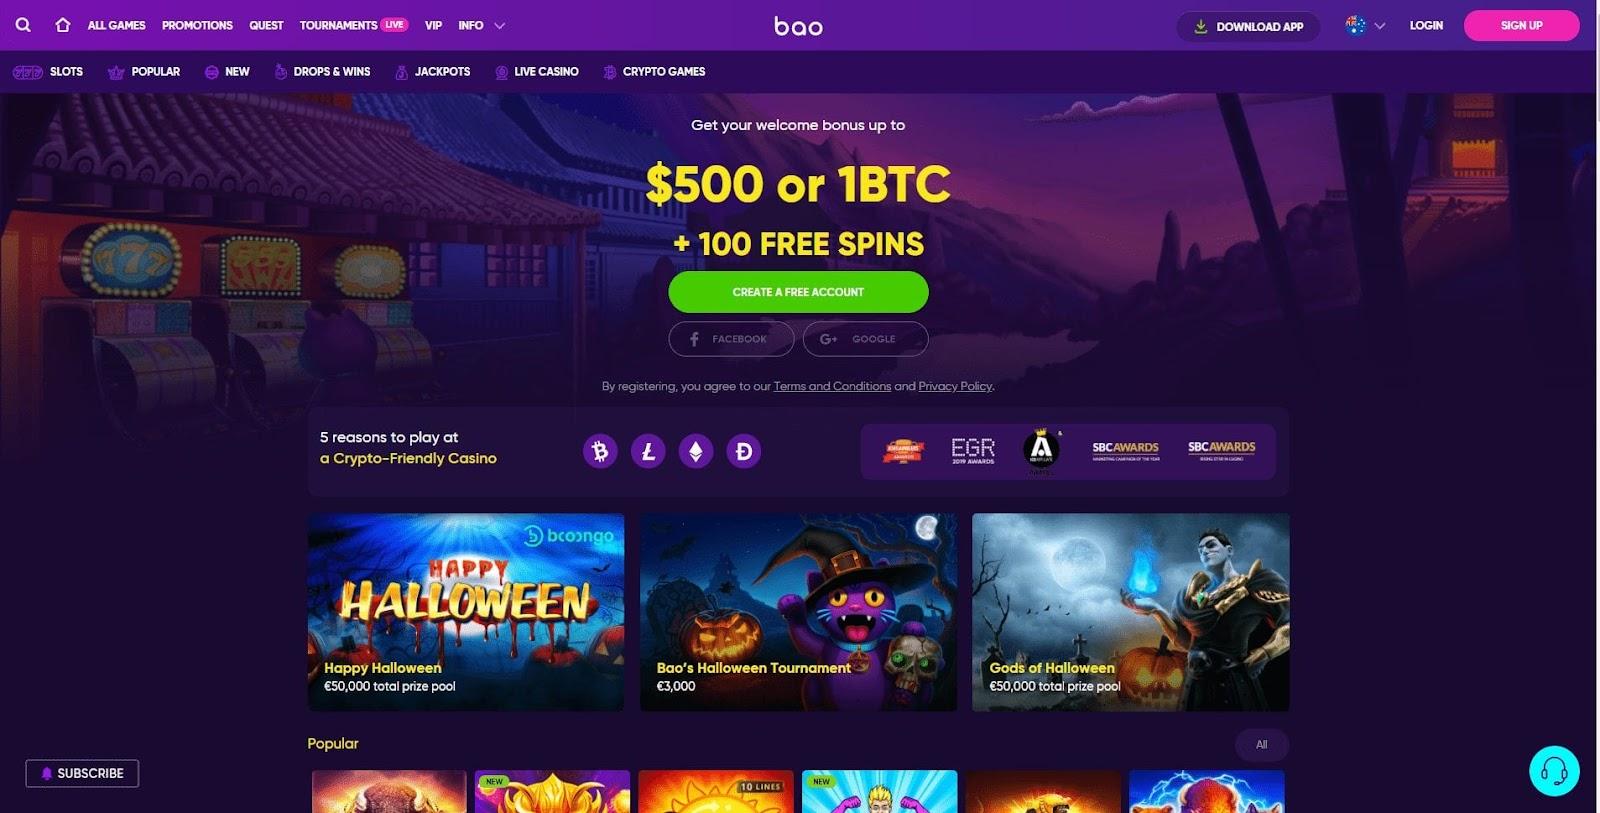 Bao-Casino-Lobby